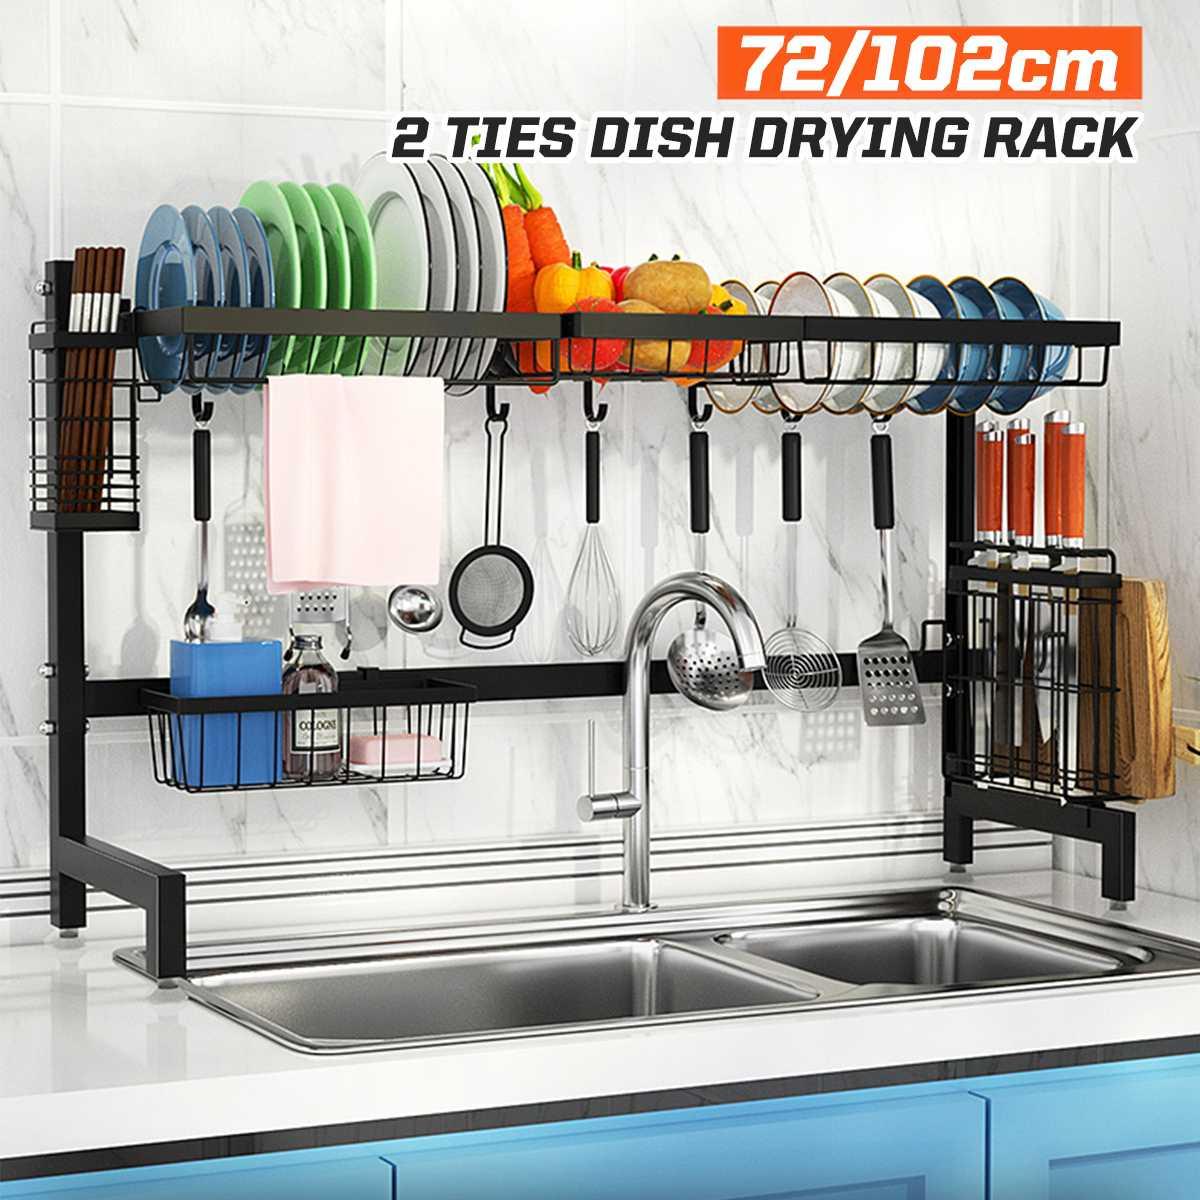 2 الطبقة الفولاذ المقاوم للصدأ رف مطبخ منظم أطباق تجفيف الرف على بالوعة استنزاف رف تخزين المطبخ كونترتوب أواني حامل